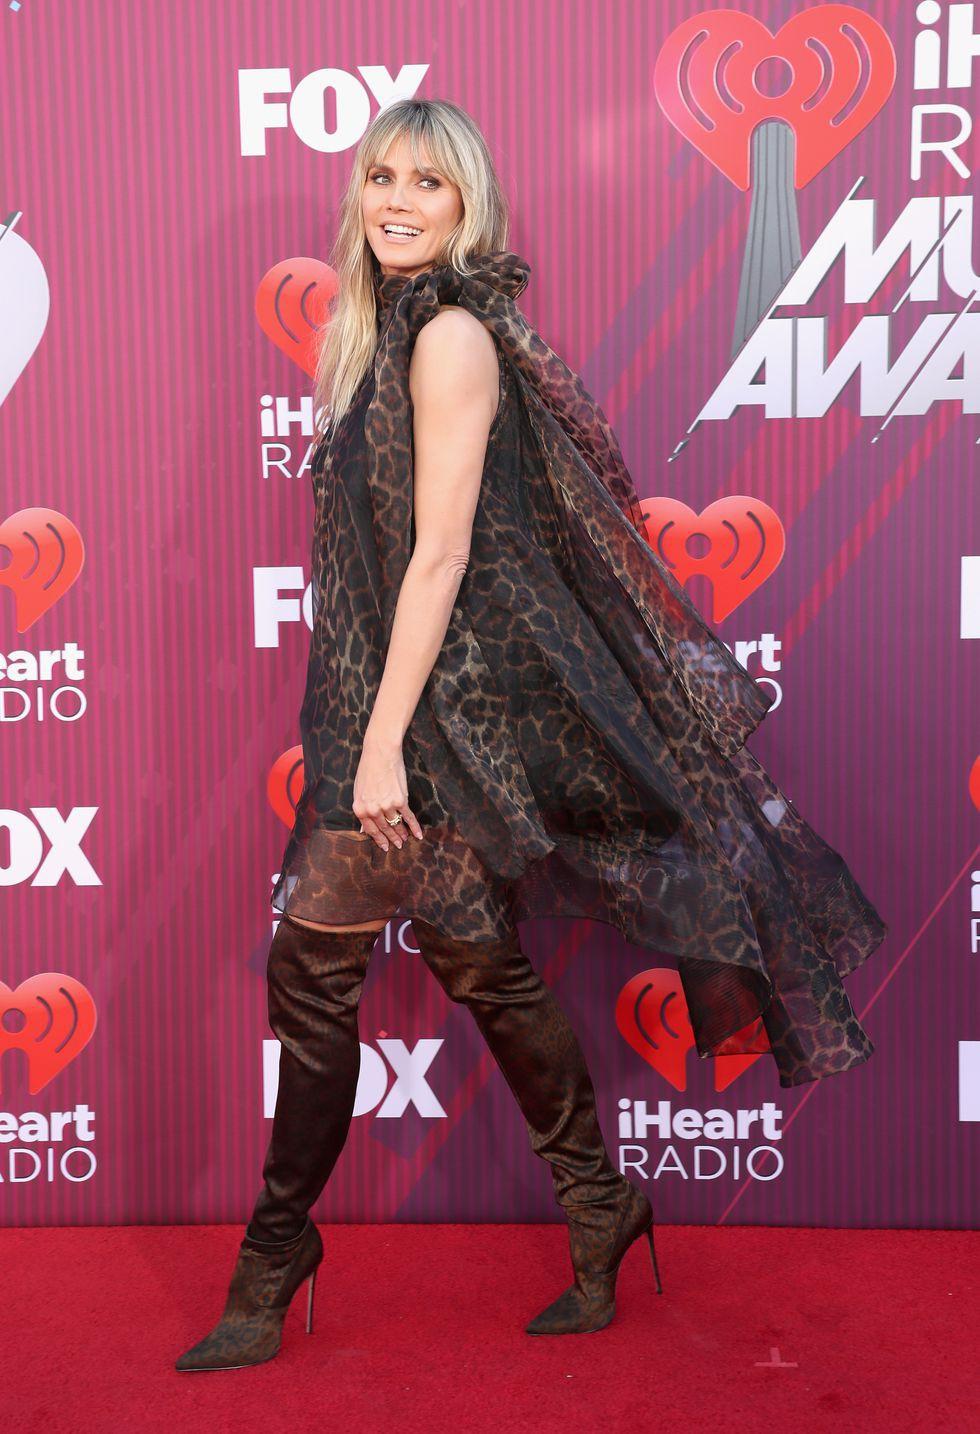 Thảm đỏ iHeartRadio: Taylor Swift chiếm hết spotlight, Katy Perry và Tiffany (SNSD) diện đồ khó đỡ - Ảnh 12.